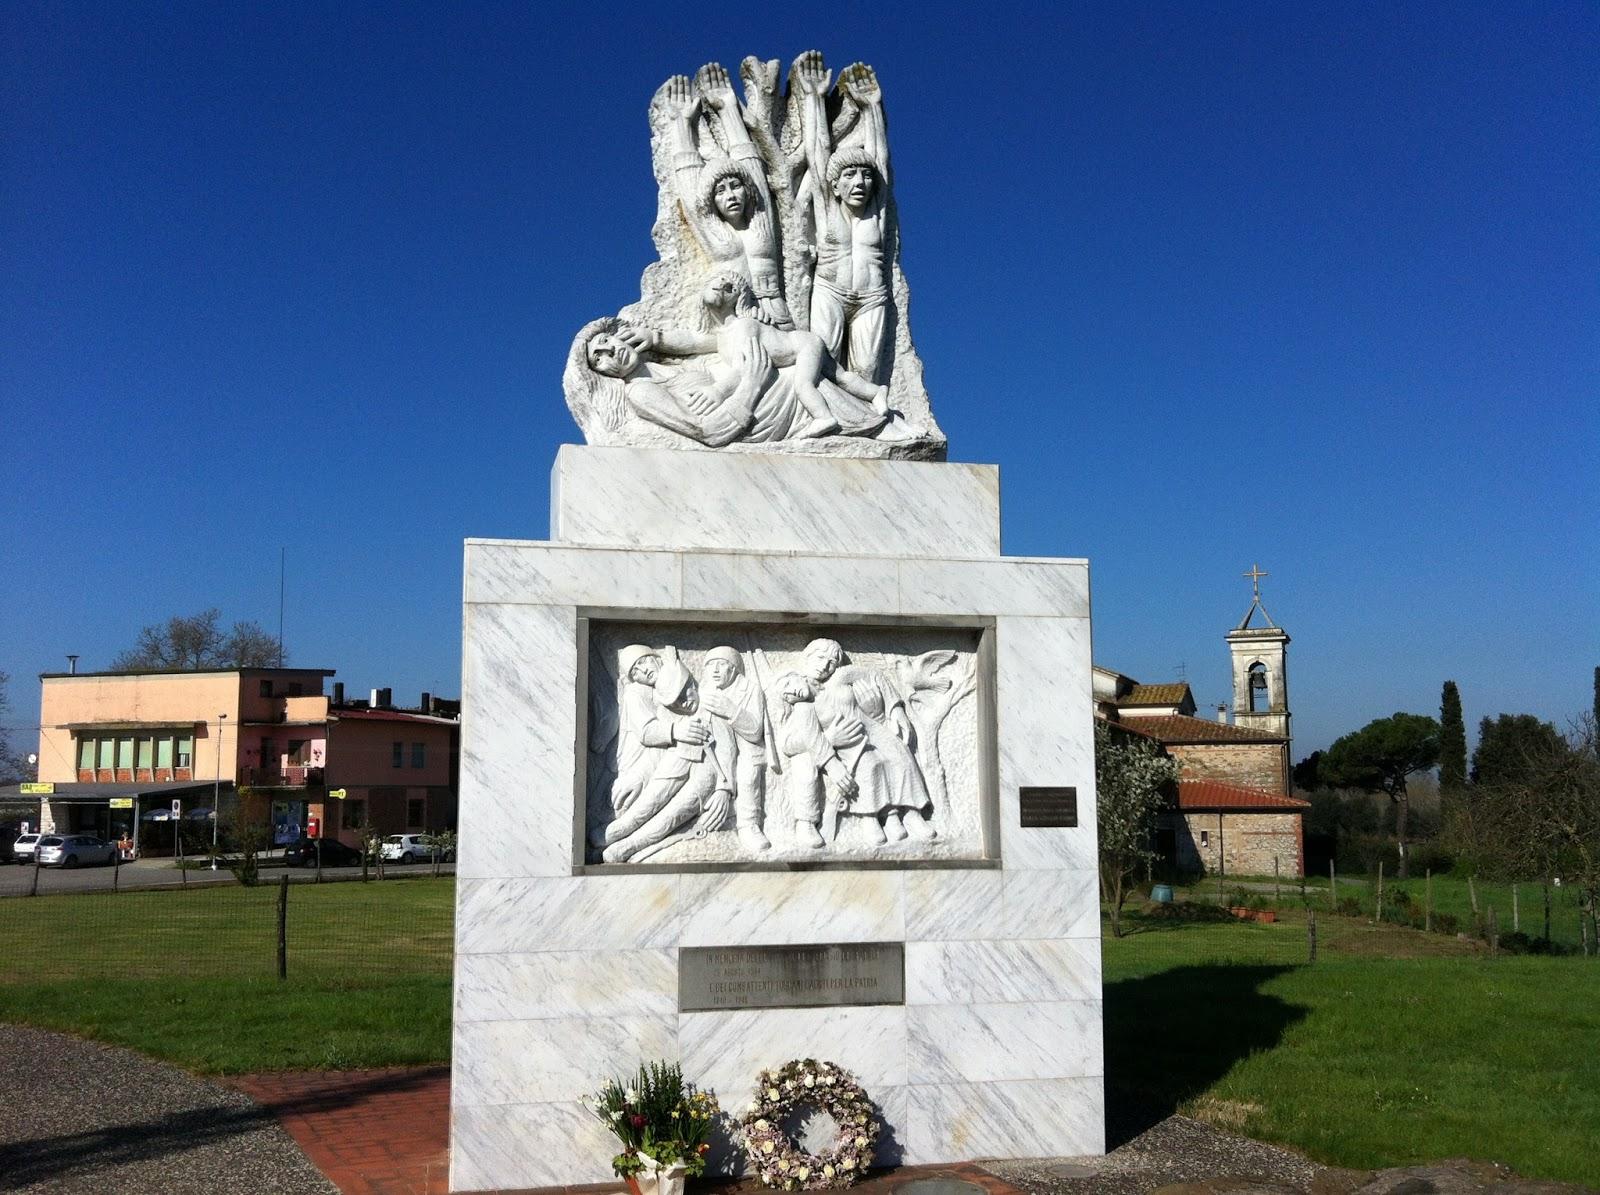 Monumento-in-ricordo-delle-vittime-a-Larciano